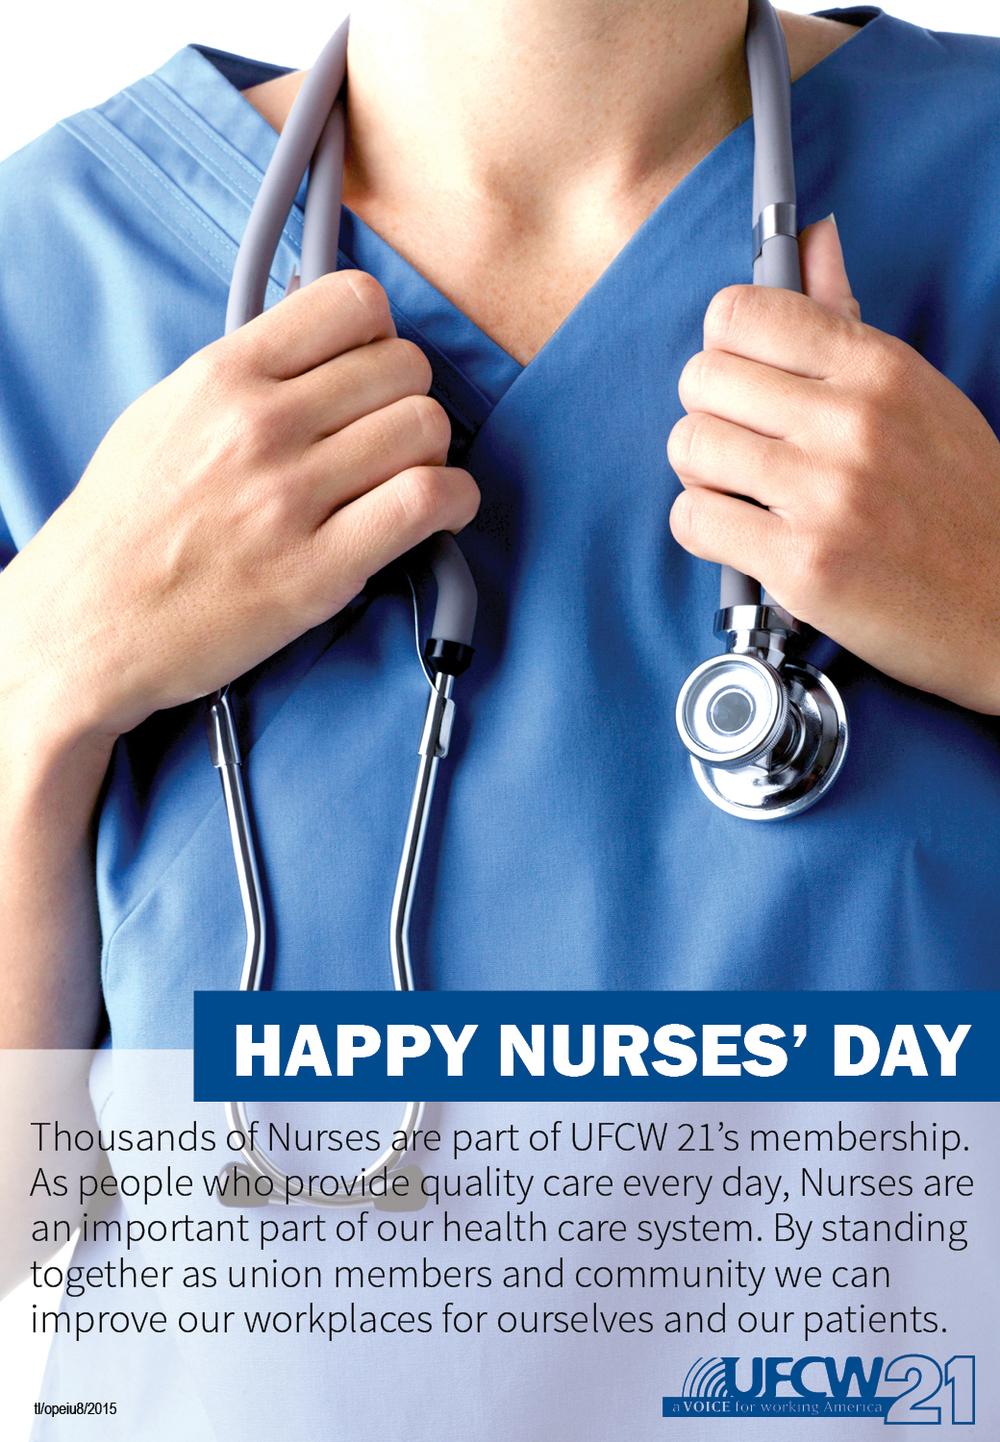 Happy Nurses' Day — UFCW 21